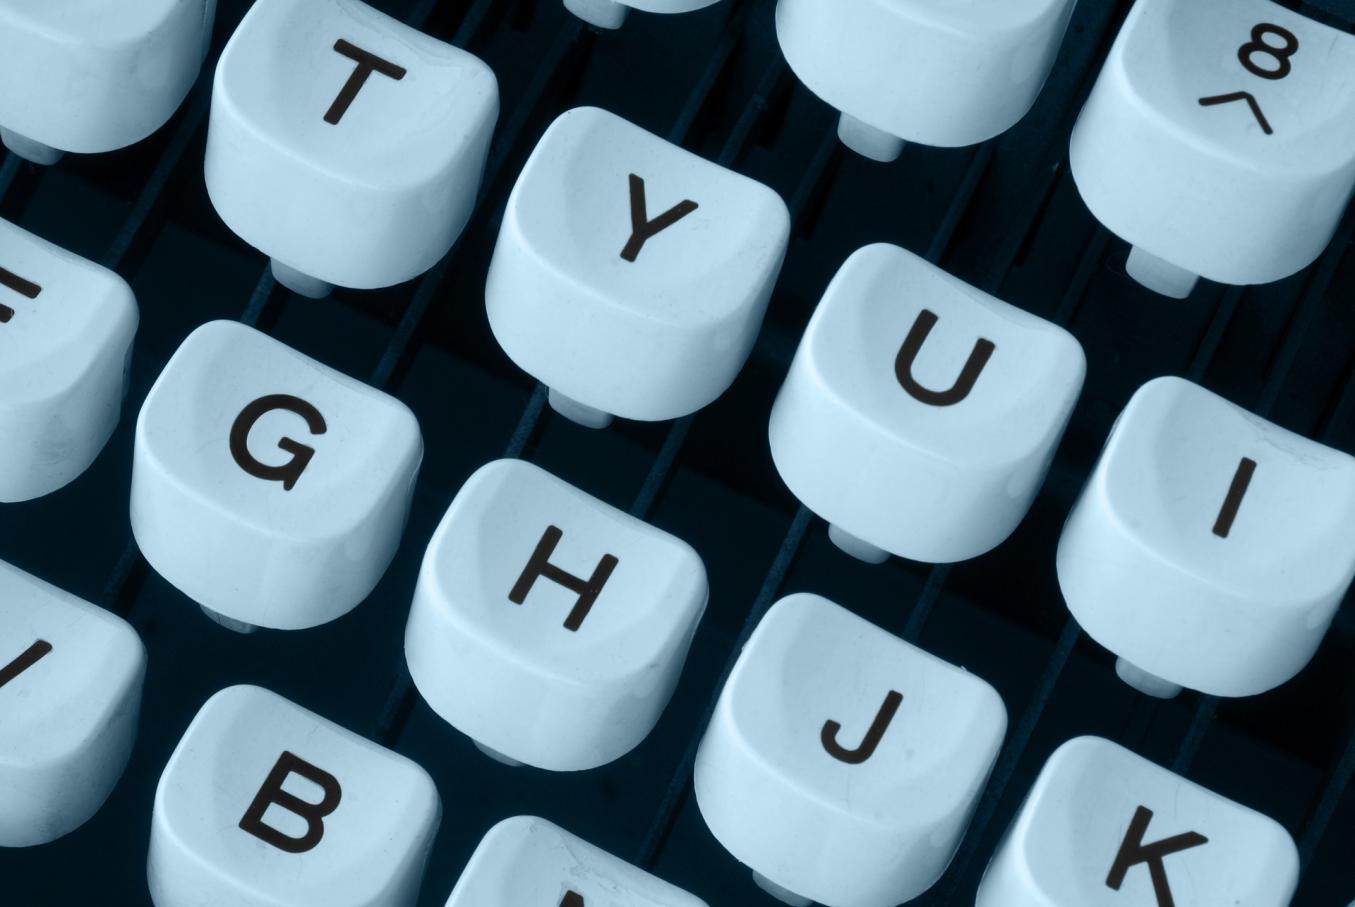 Kuvassa kirjoituskoneen valkoiset näppäimet mustalla tekstillä